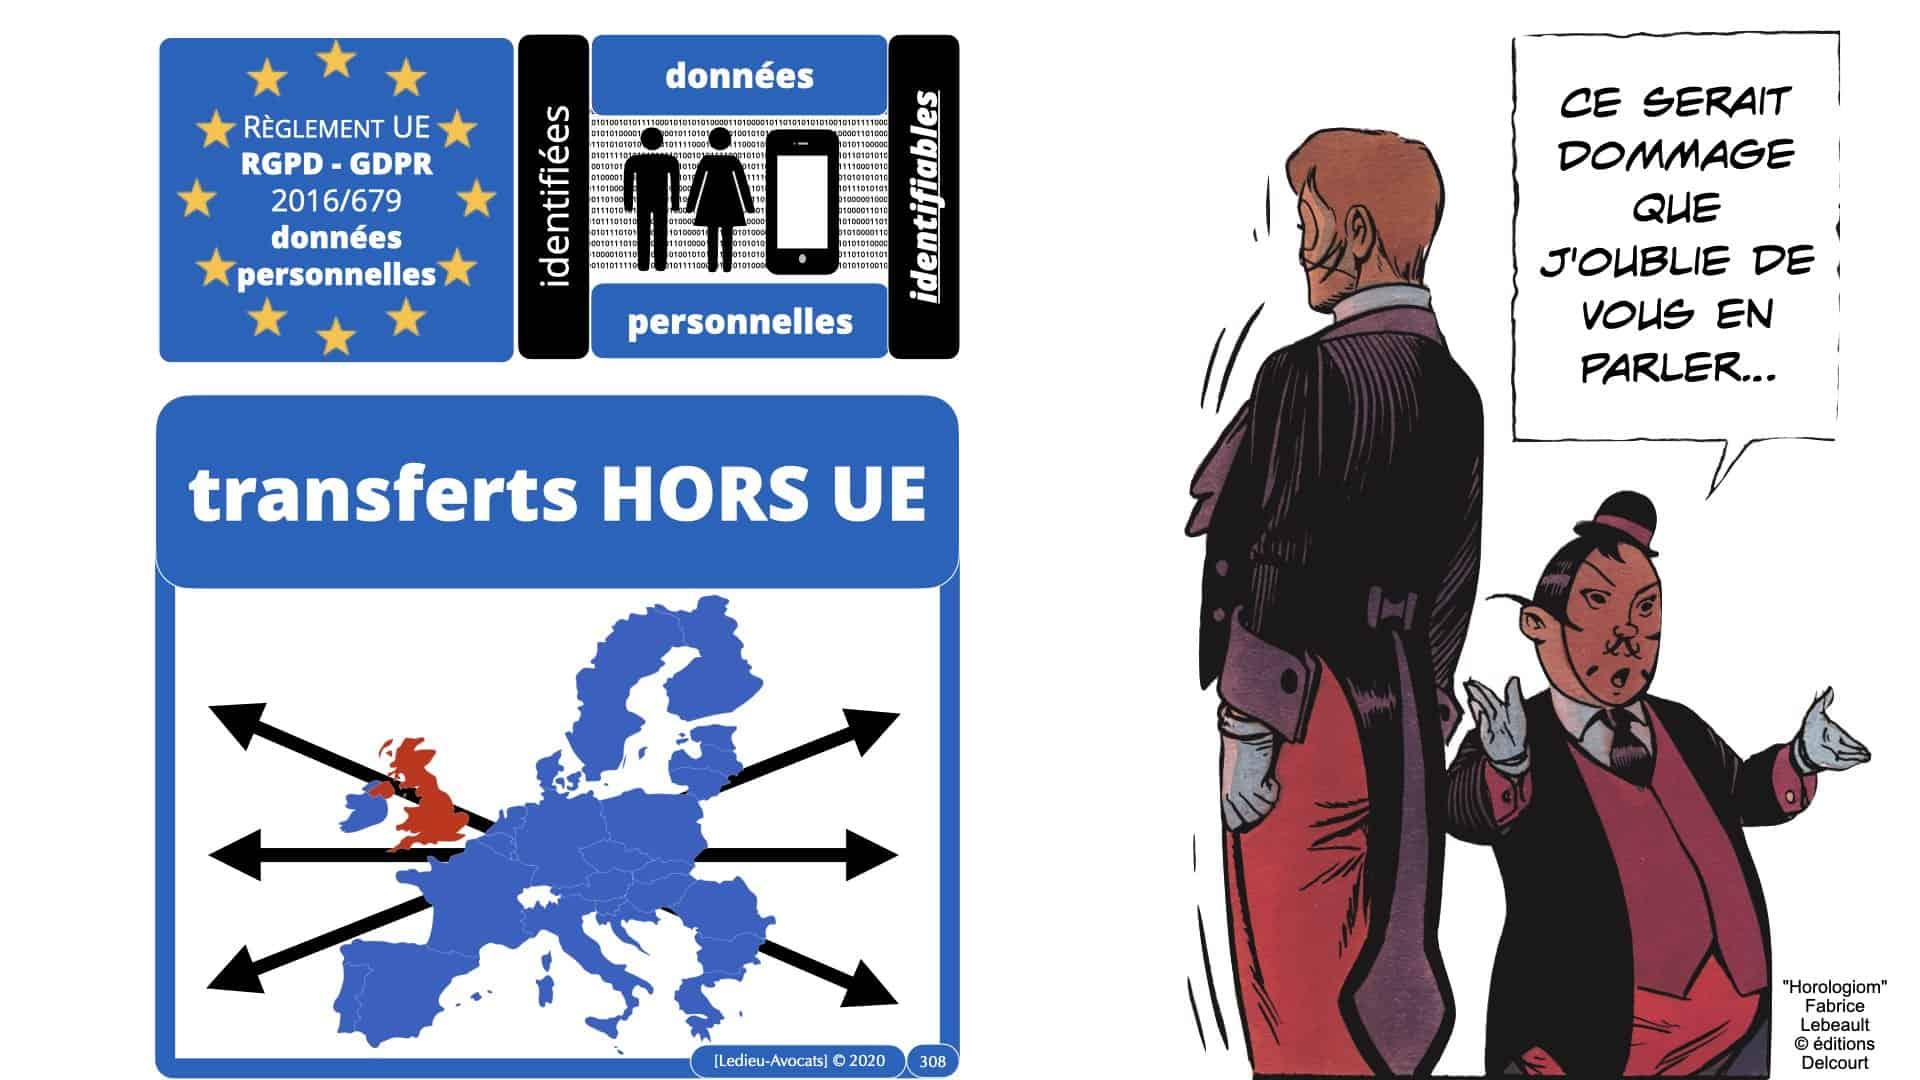 RGPD e-Privacy données personnelles jurisprudence formation Lamy Les Echos 10-02-2021 ©Ledieu-Avocats.308